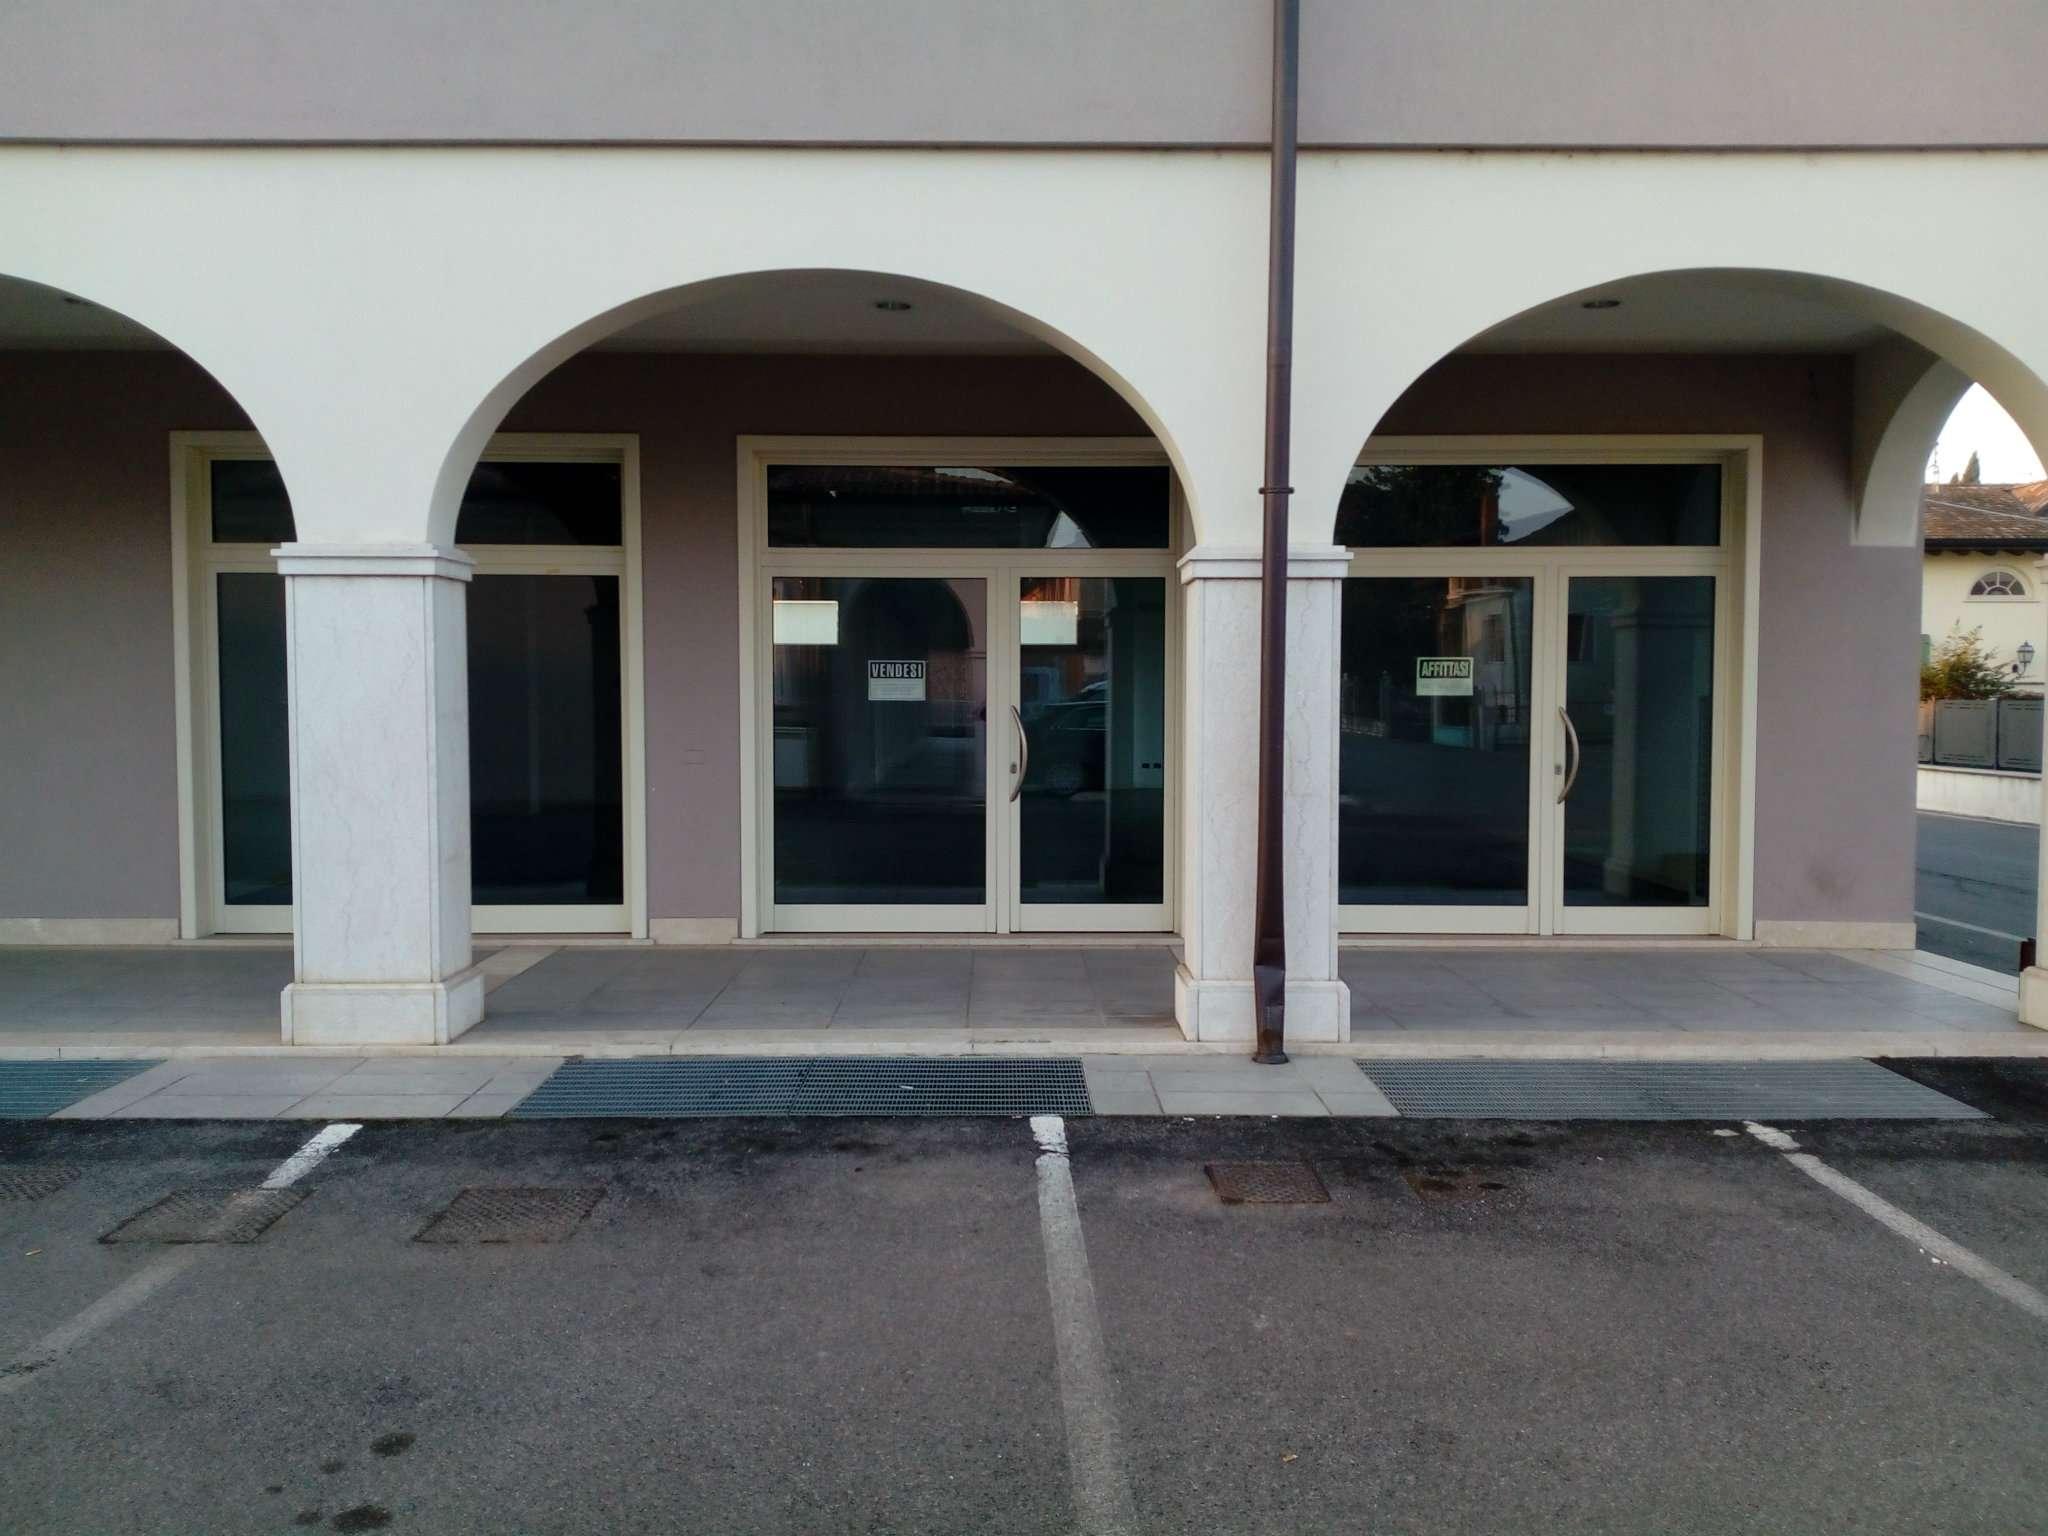 Negozio / Locale in vendita a Travagliato, 2 locali, prezzo € 330.000 | CambioCasa.it